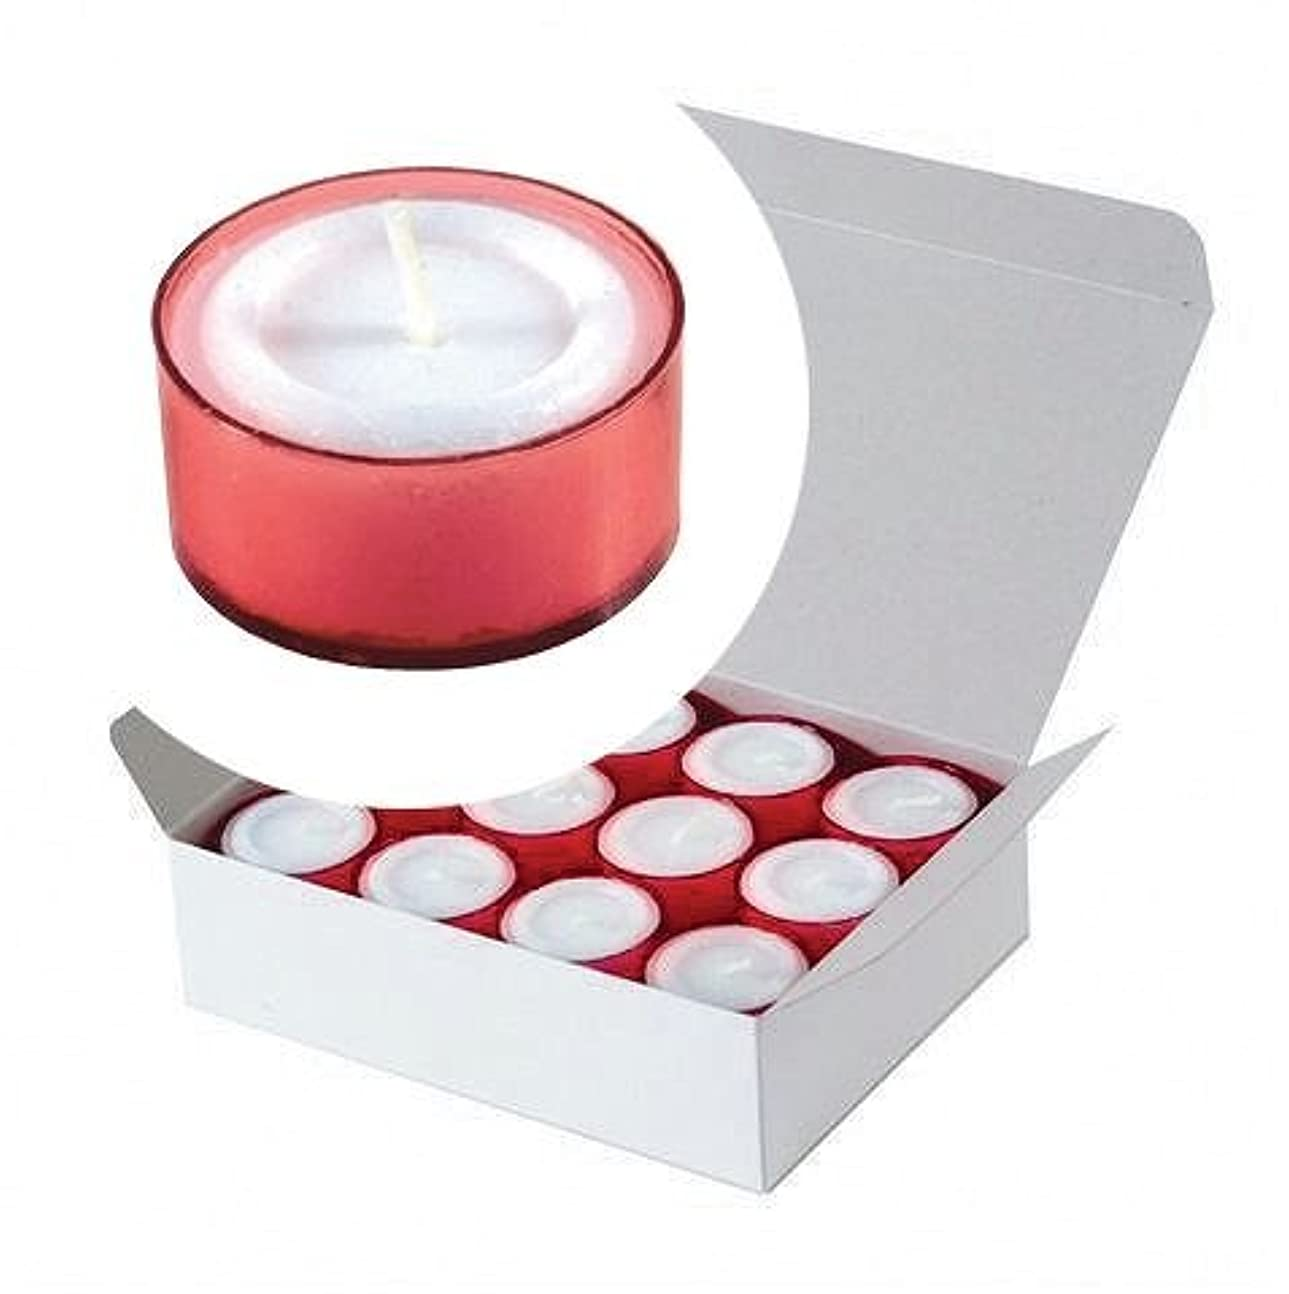 未使用省アクロバットカメヤマキャンドル(kameyama candle) カラークリアカップティーライト24個入り 「 レッド 」